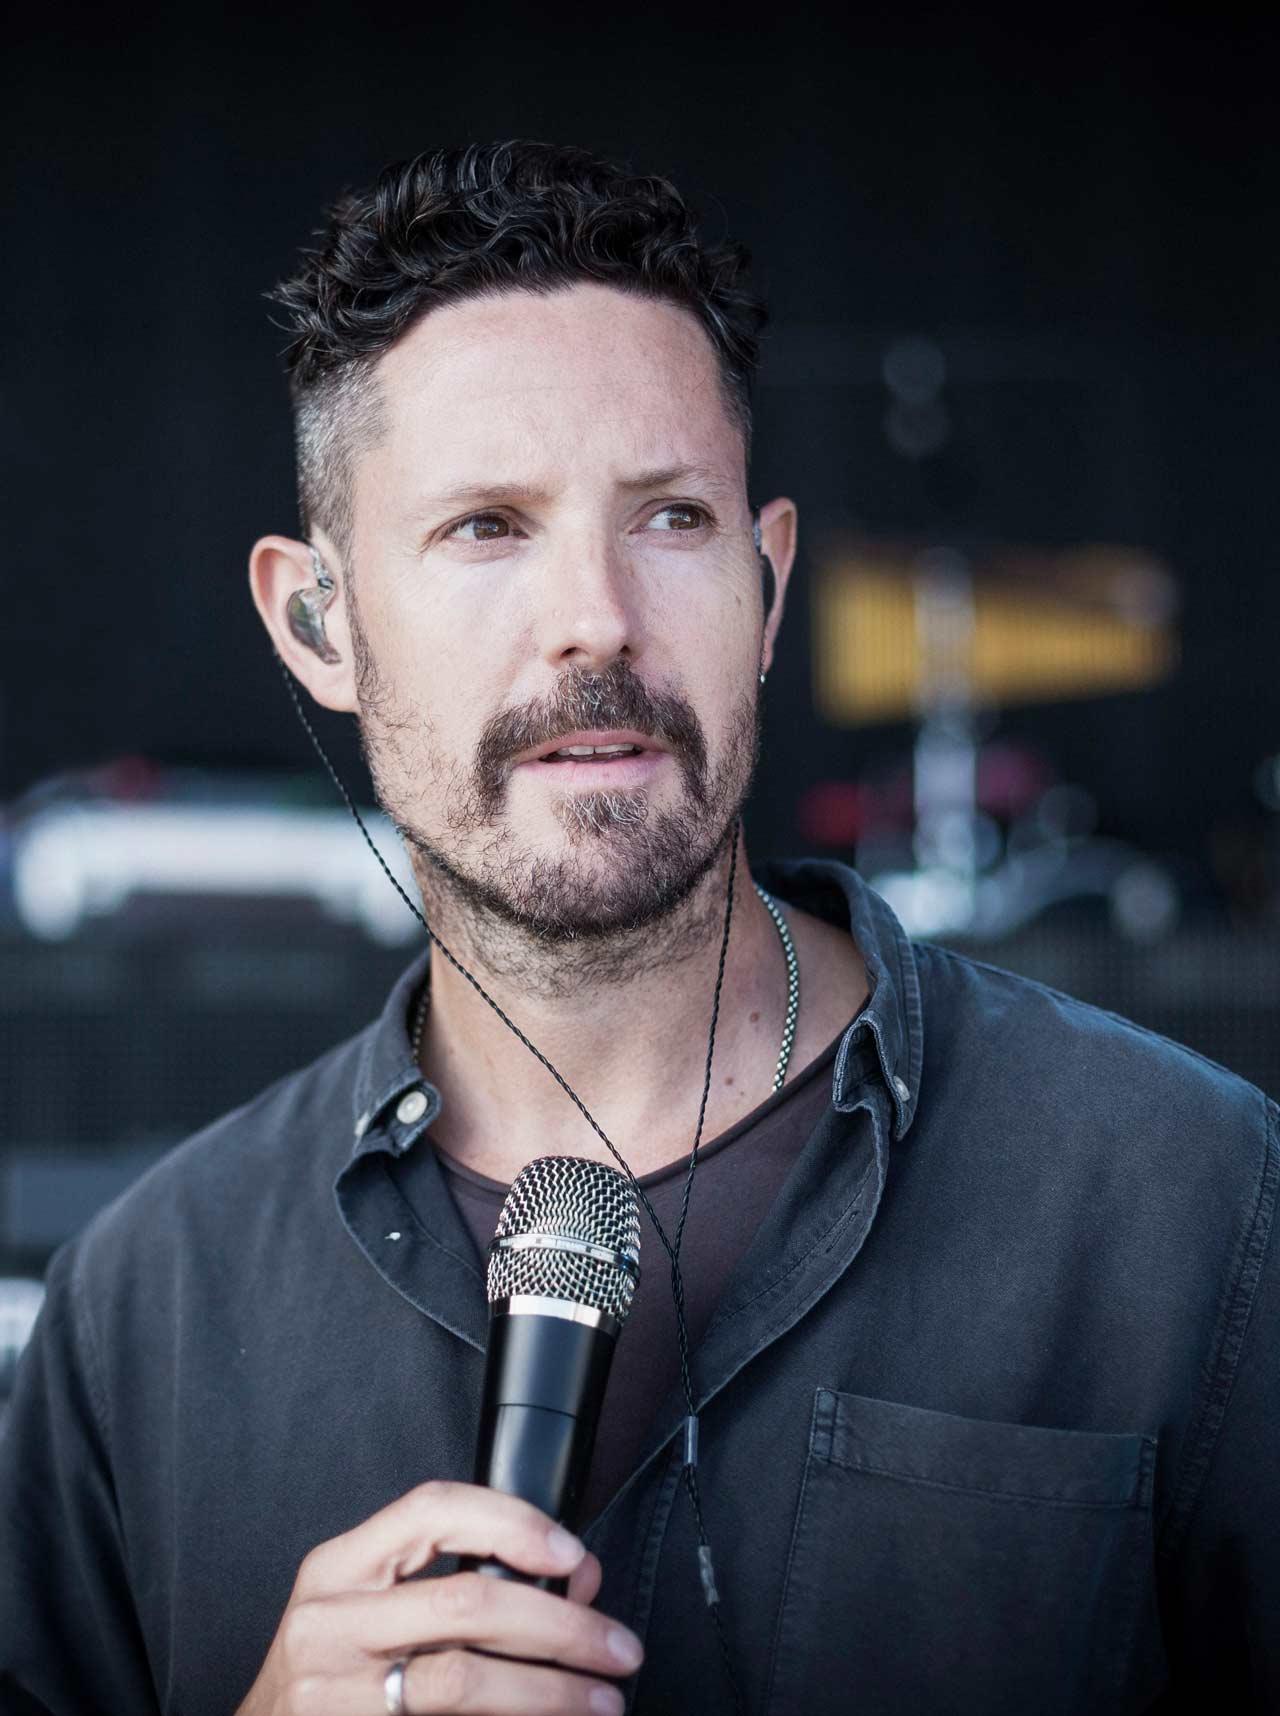 Max Herre steht am 6. Juli 2019 auf der großen Open-Air-Festivalbühne des Mercedes-Benz Konzertsommers. Copyright: Mika Väisänen